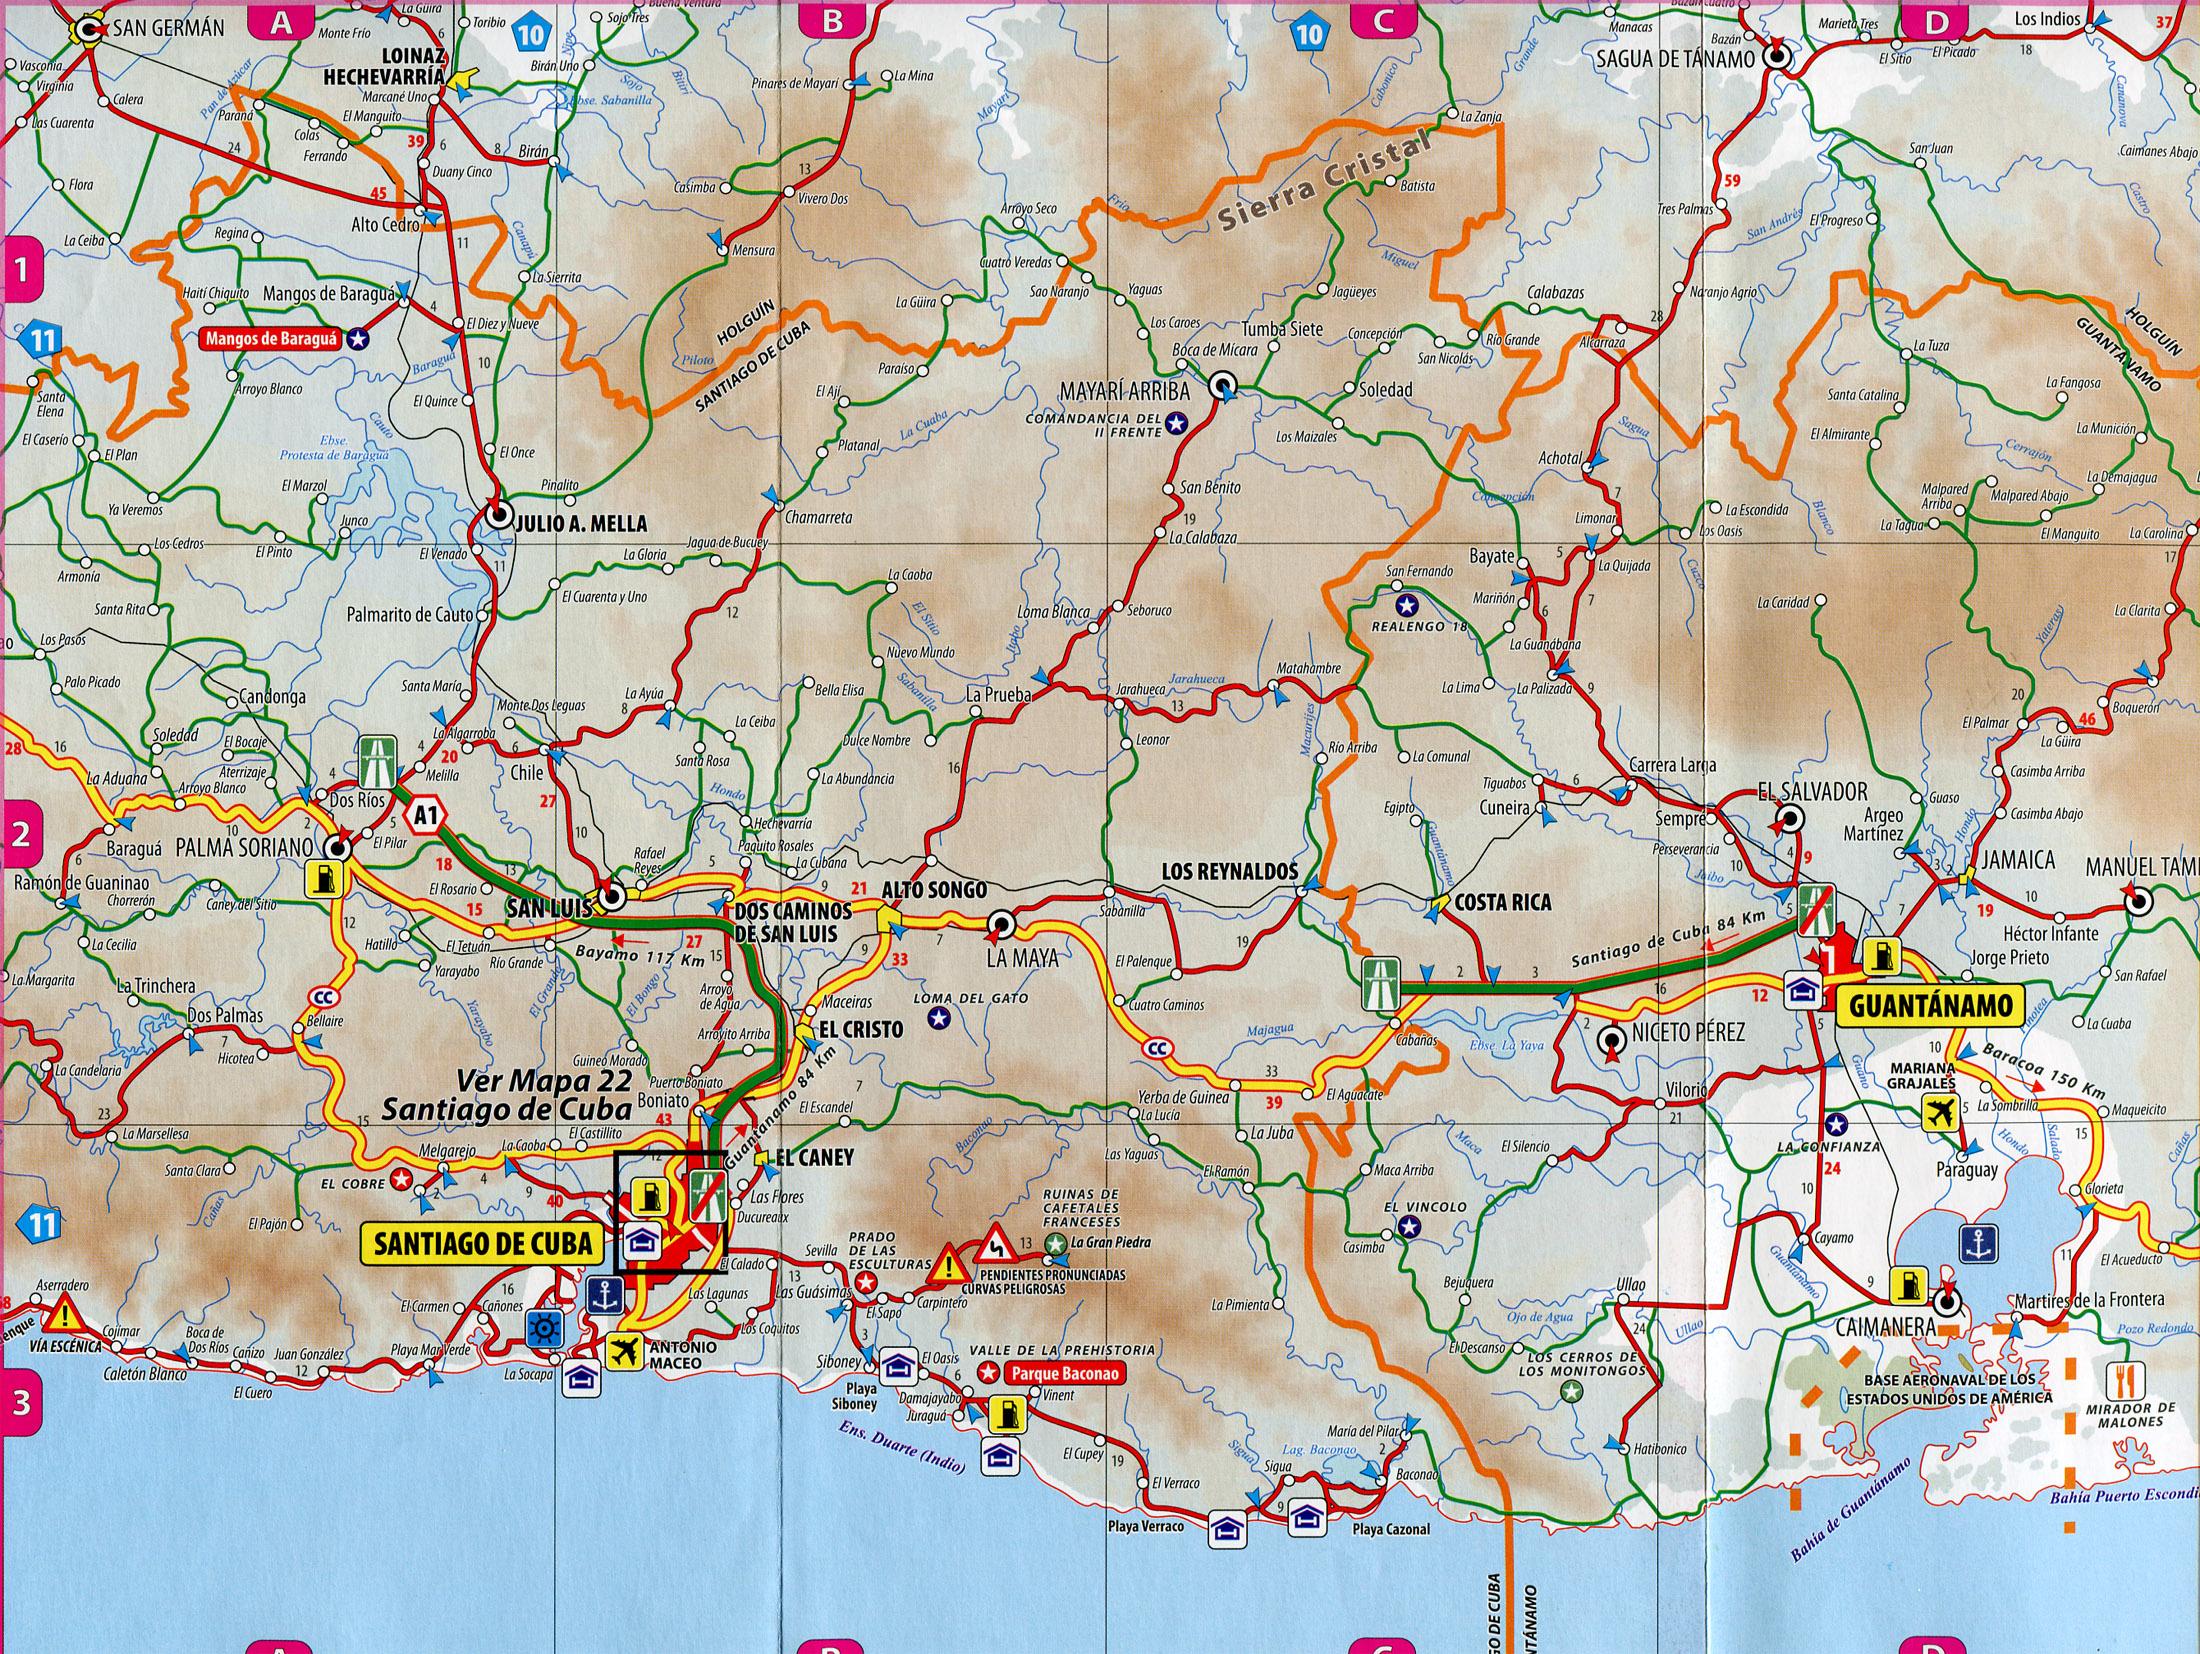 santiago de cuba guantanamo road map la maya cuba mappery